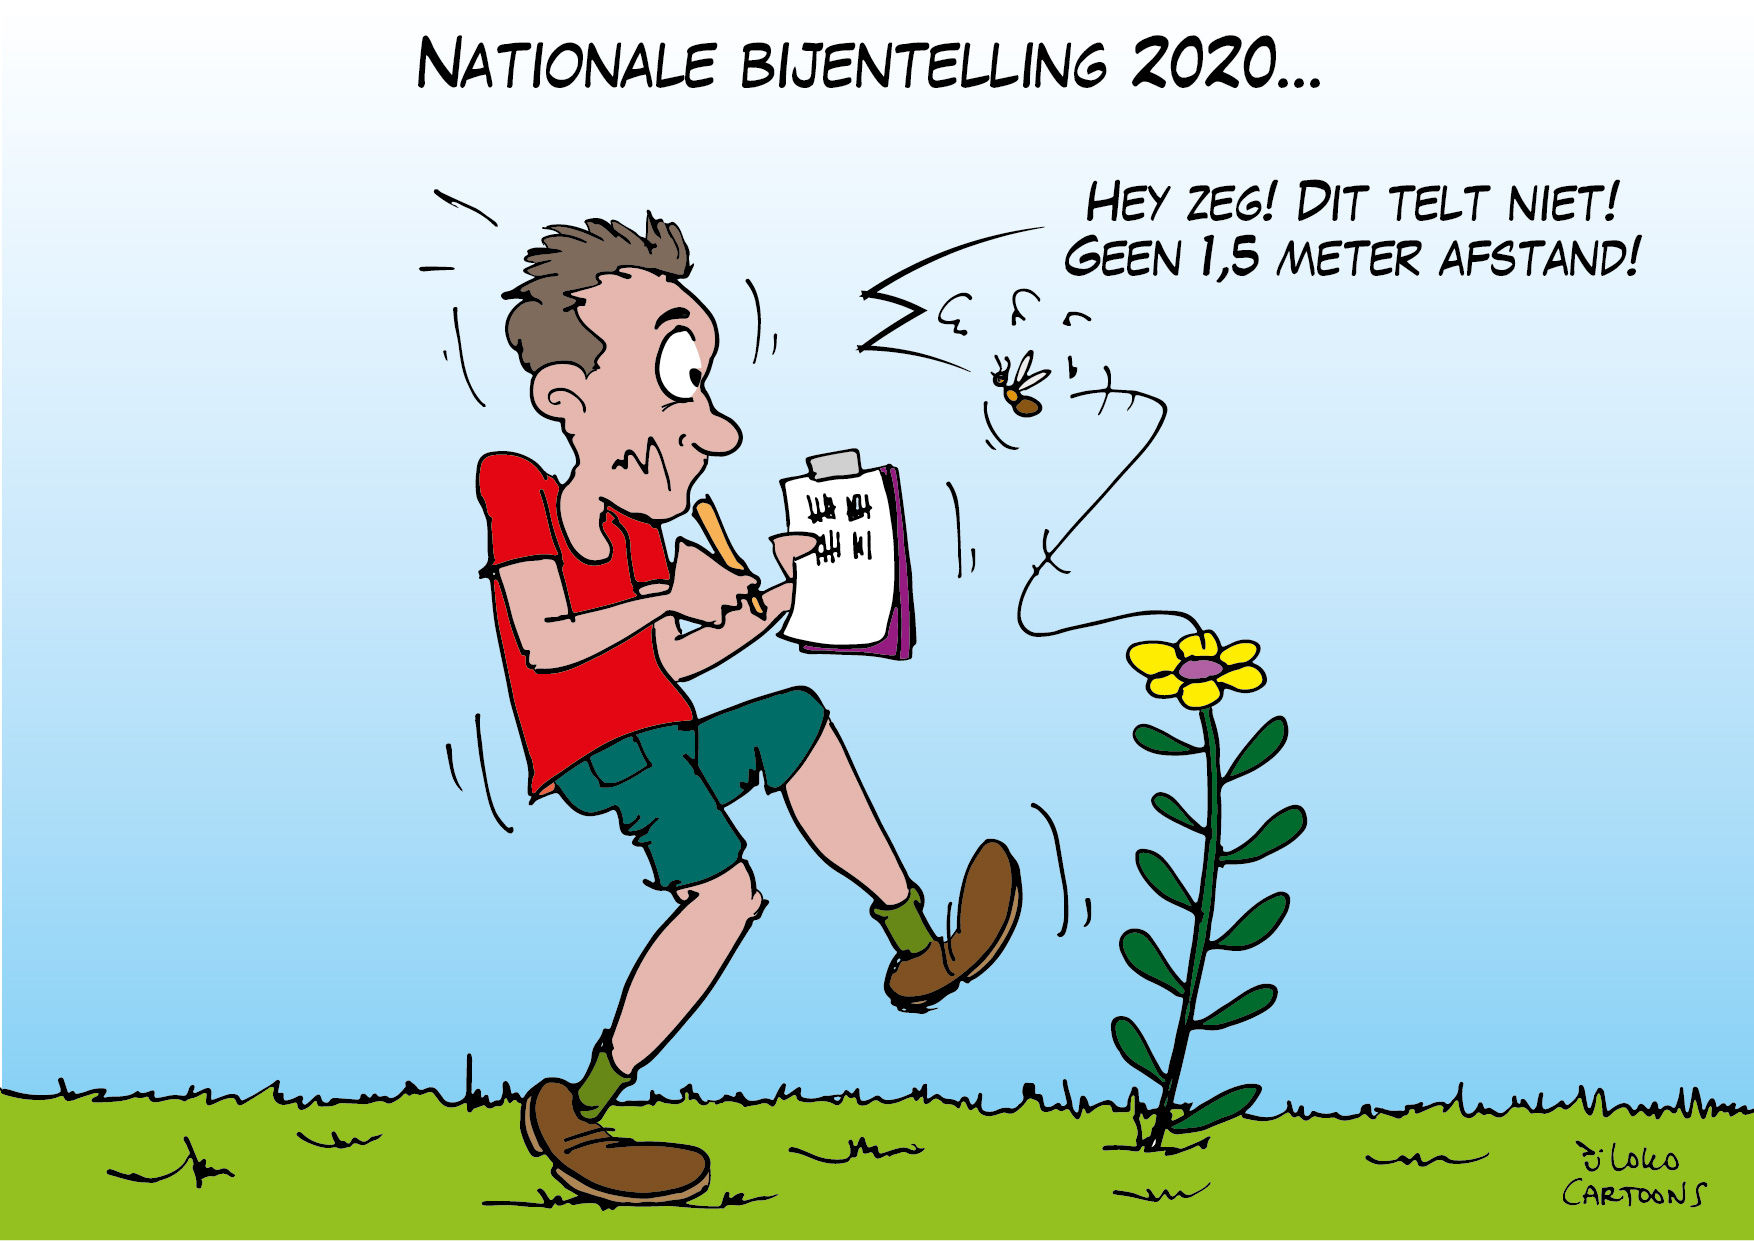 Nationale bijentelling 2020…